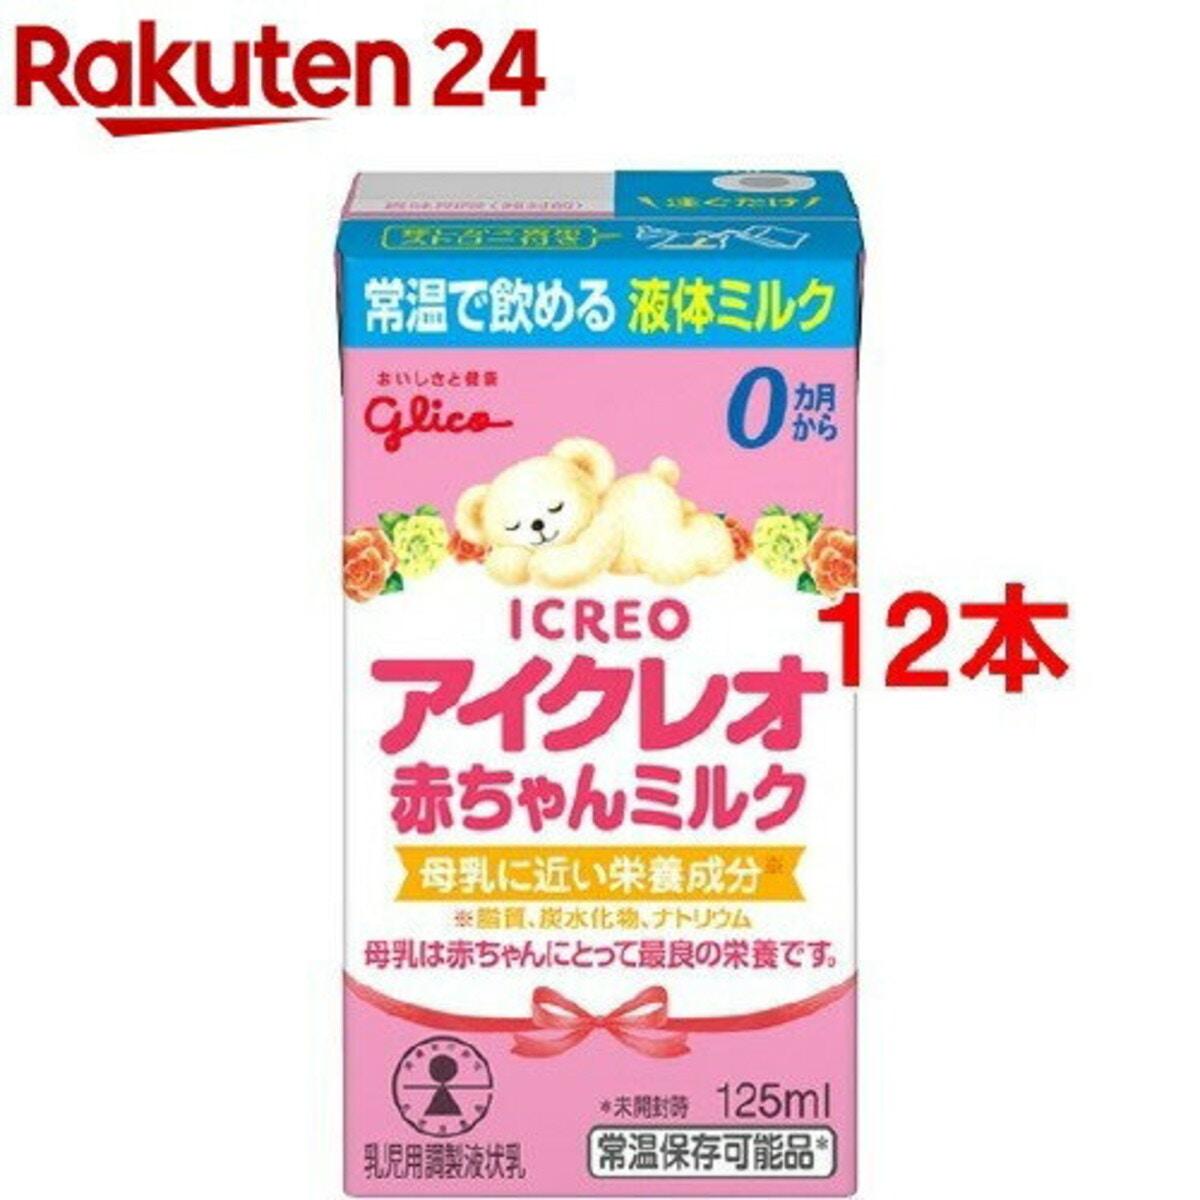 グリコ「アイクレオ赤ちゃんミルク(125ml×12本入)」